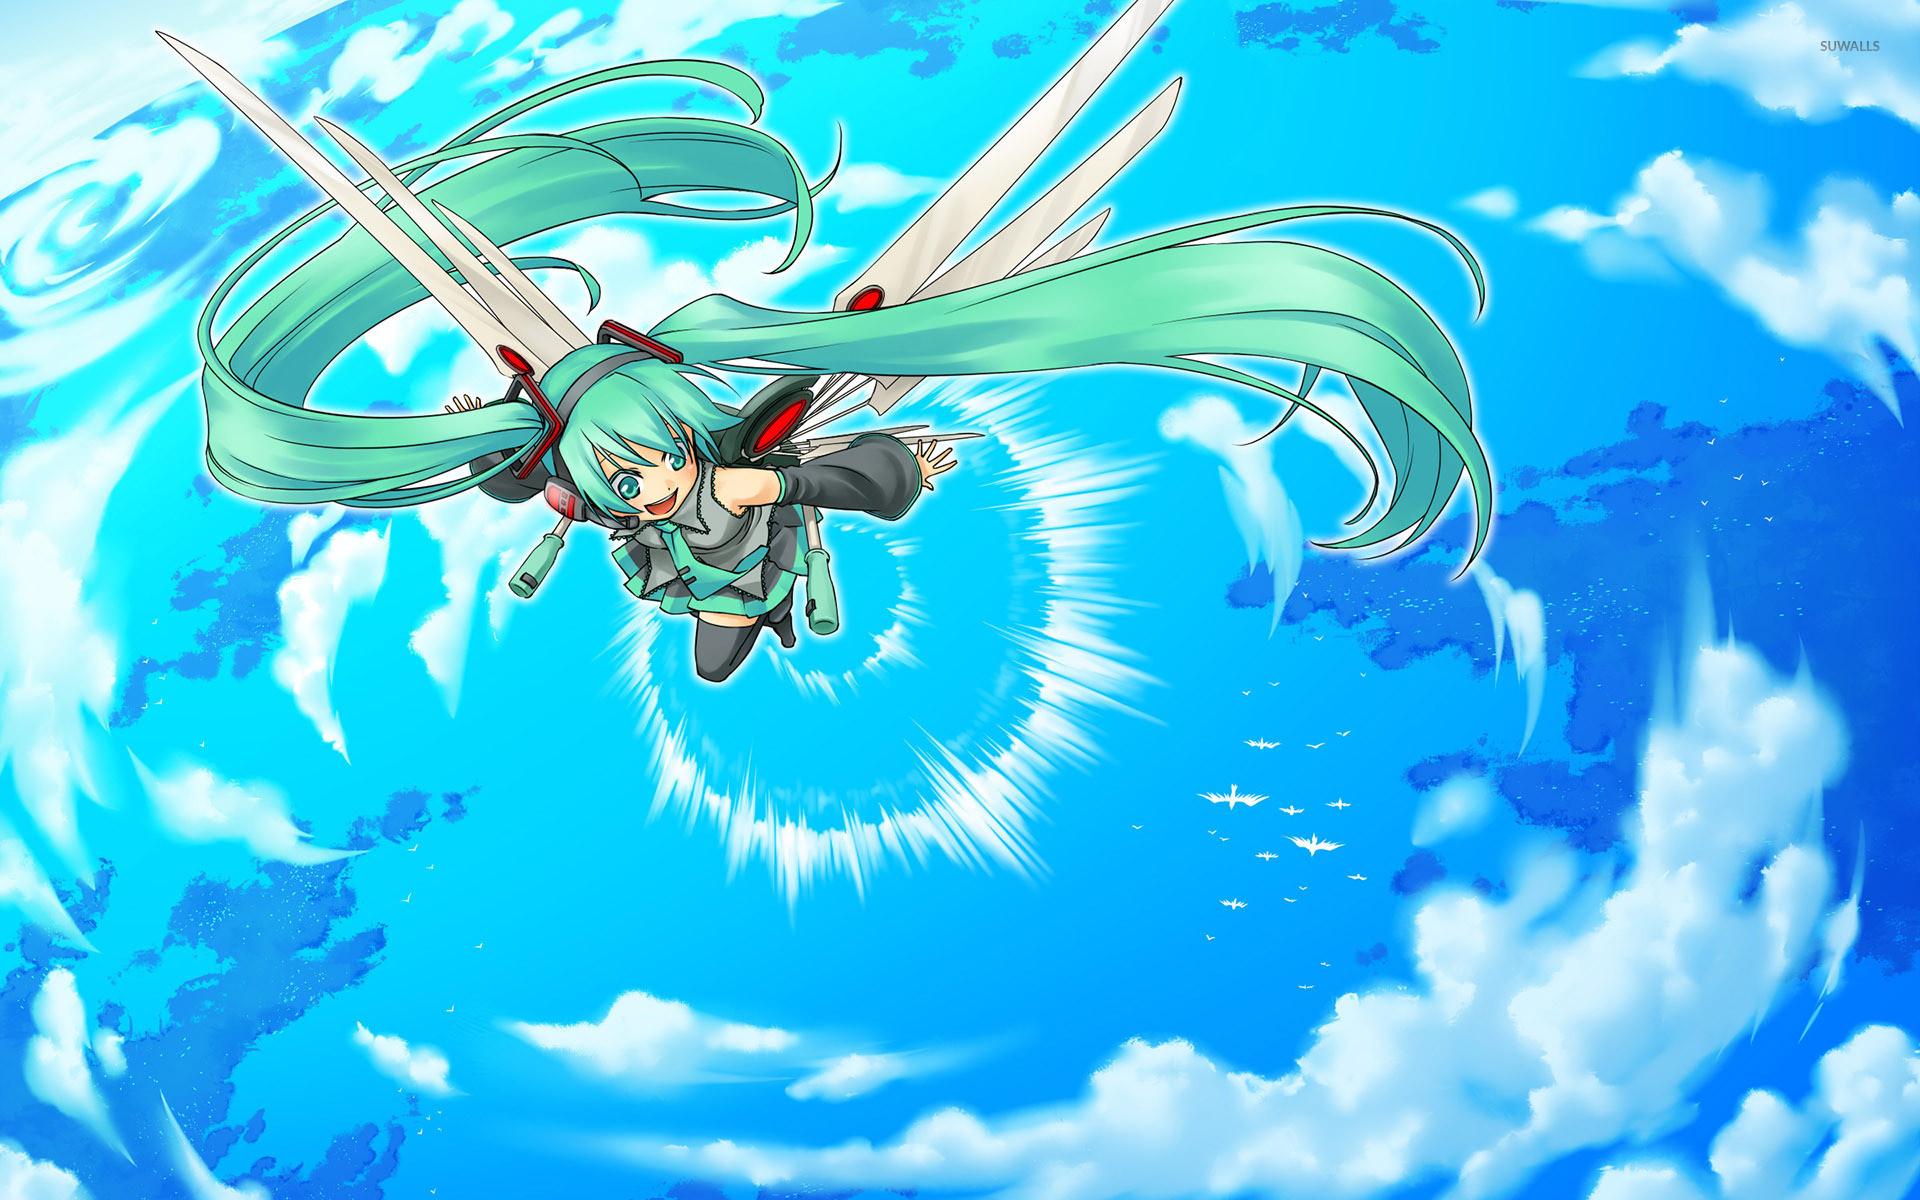 Hatsune Miku – Vocaloid [26] wallpaper